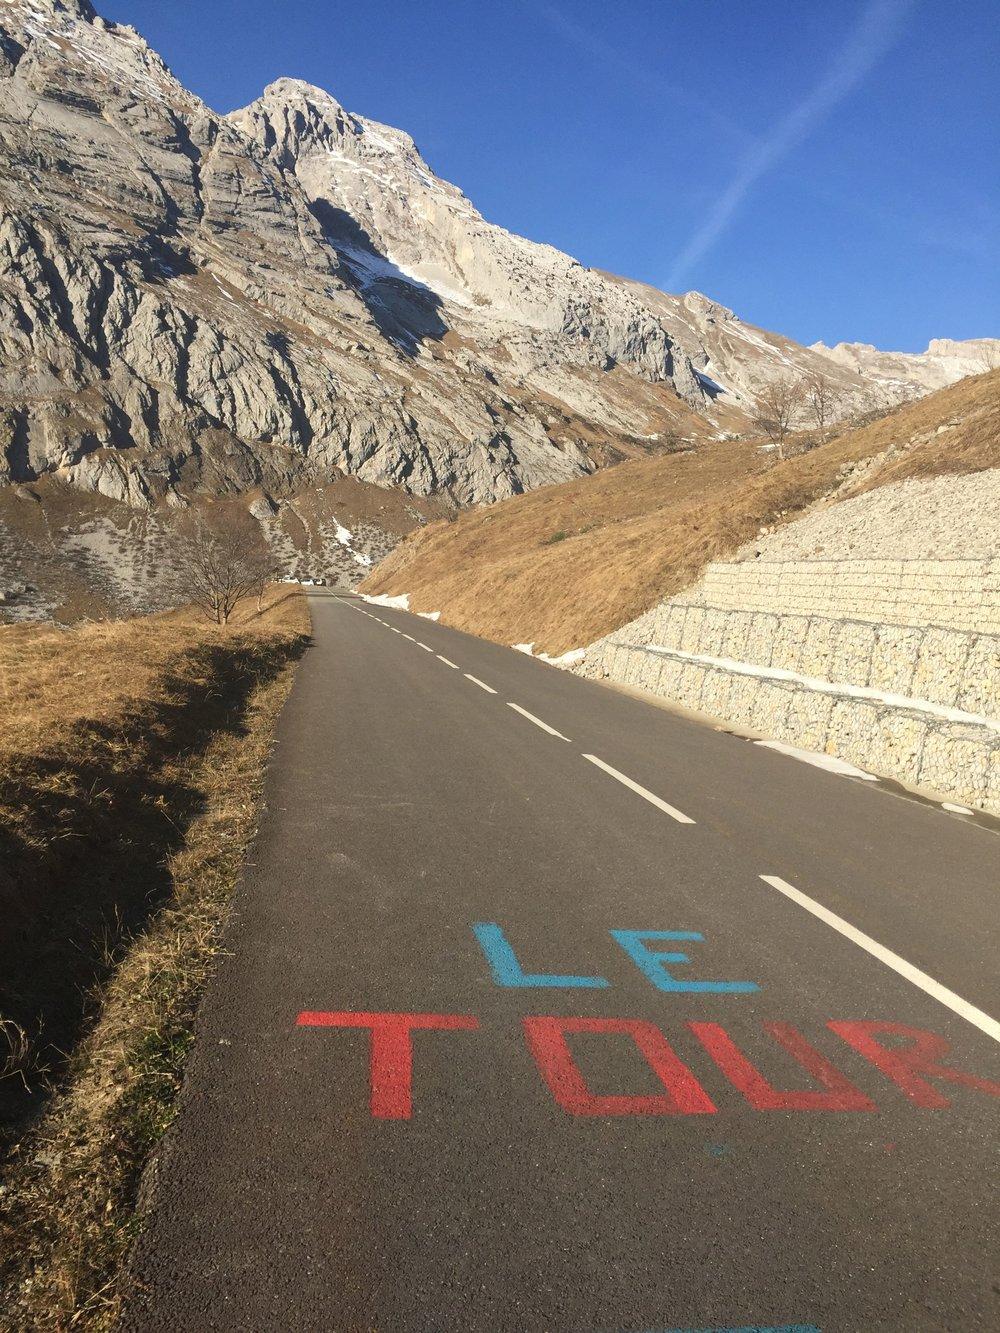 Adventuring around the La Clusaz region to one of the famous Tour de France climbs, Cold de la Colombiere.